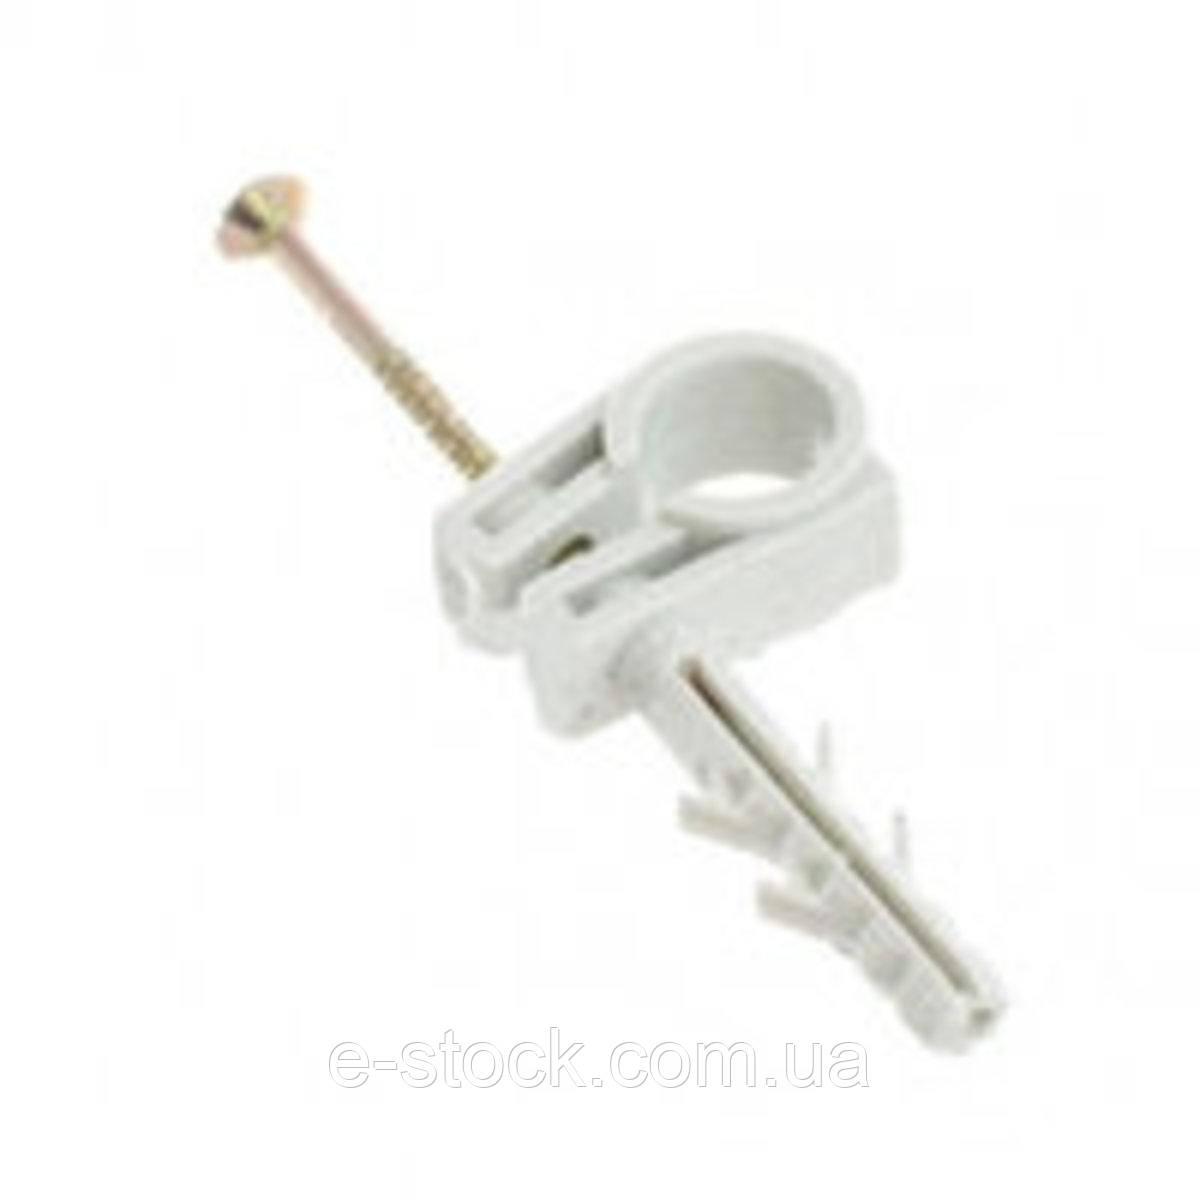 Обойма Lectris для труб і кабелю Ø25-27мм з ударним шурупом, 25шт